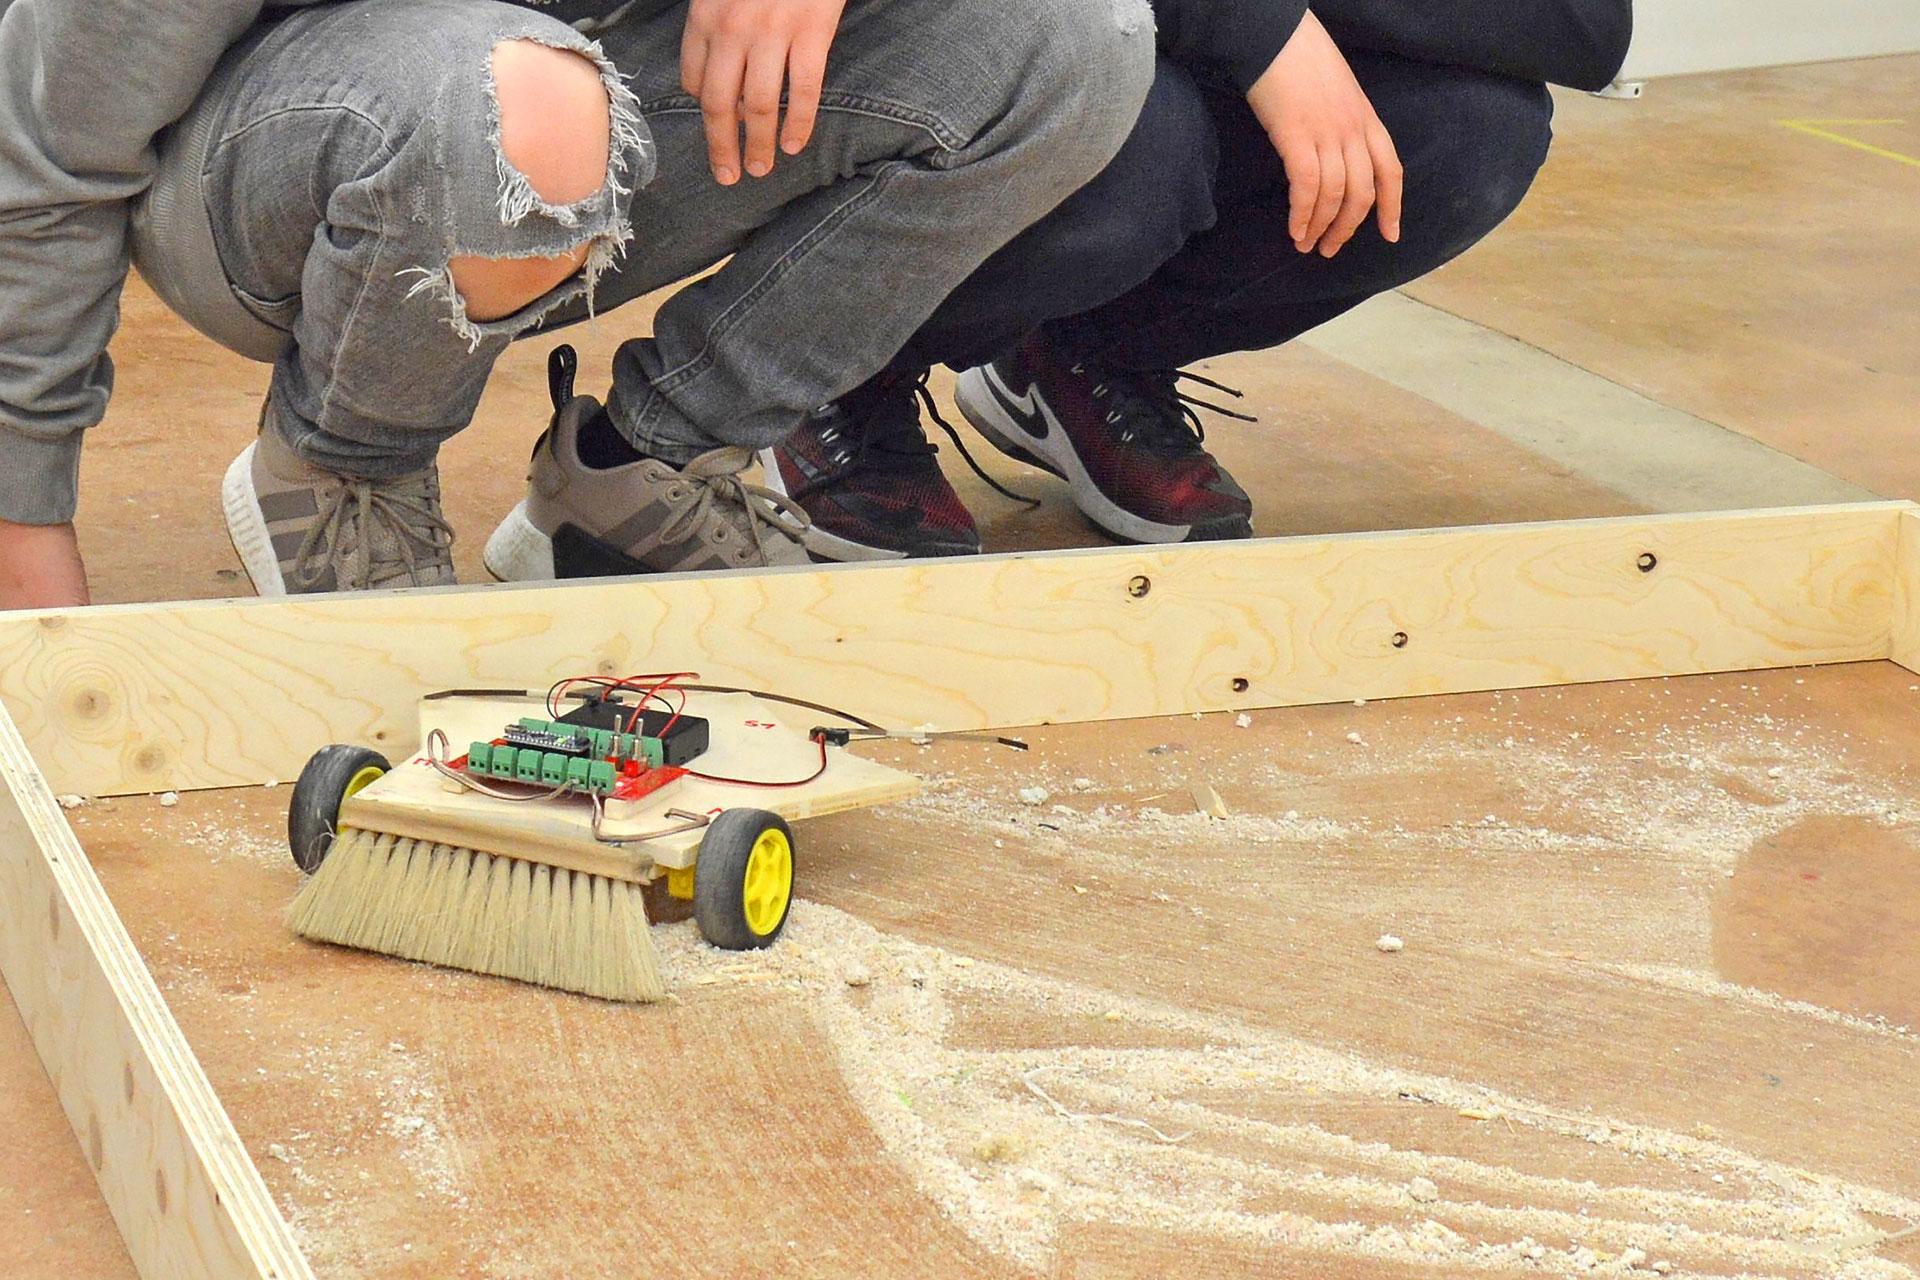 zwei Schüler testen ihren selbstfahrenden Wischroboter auf dem sägemehlbestäubten Werkstattboden